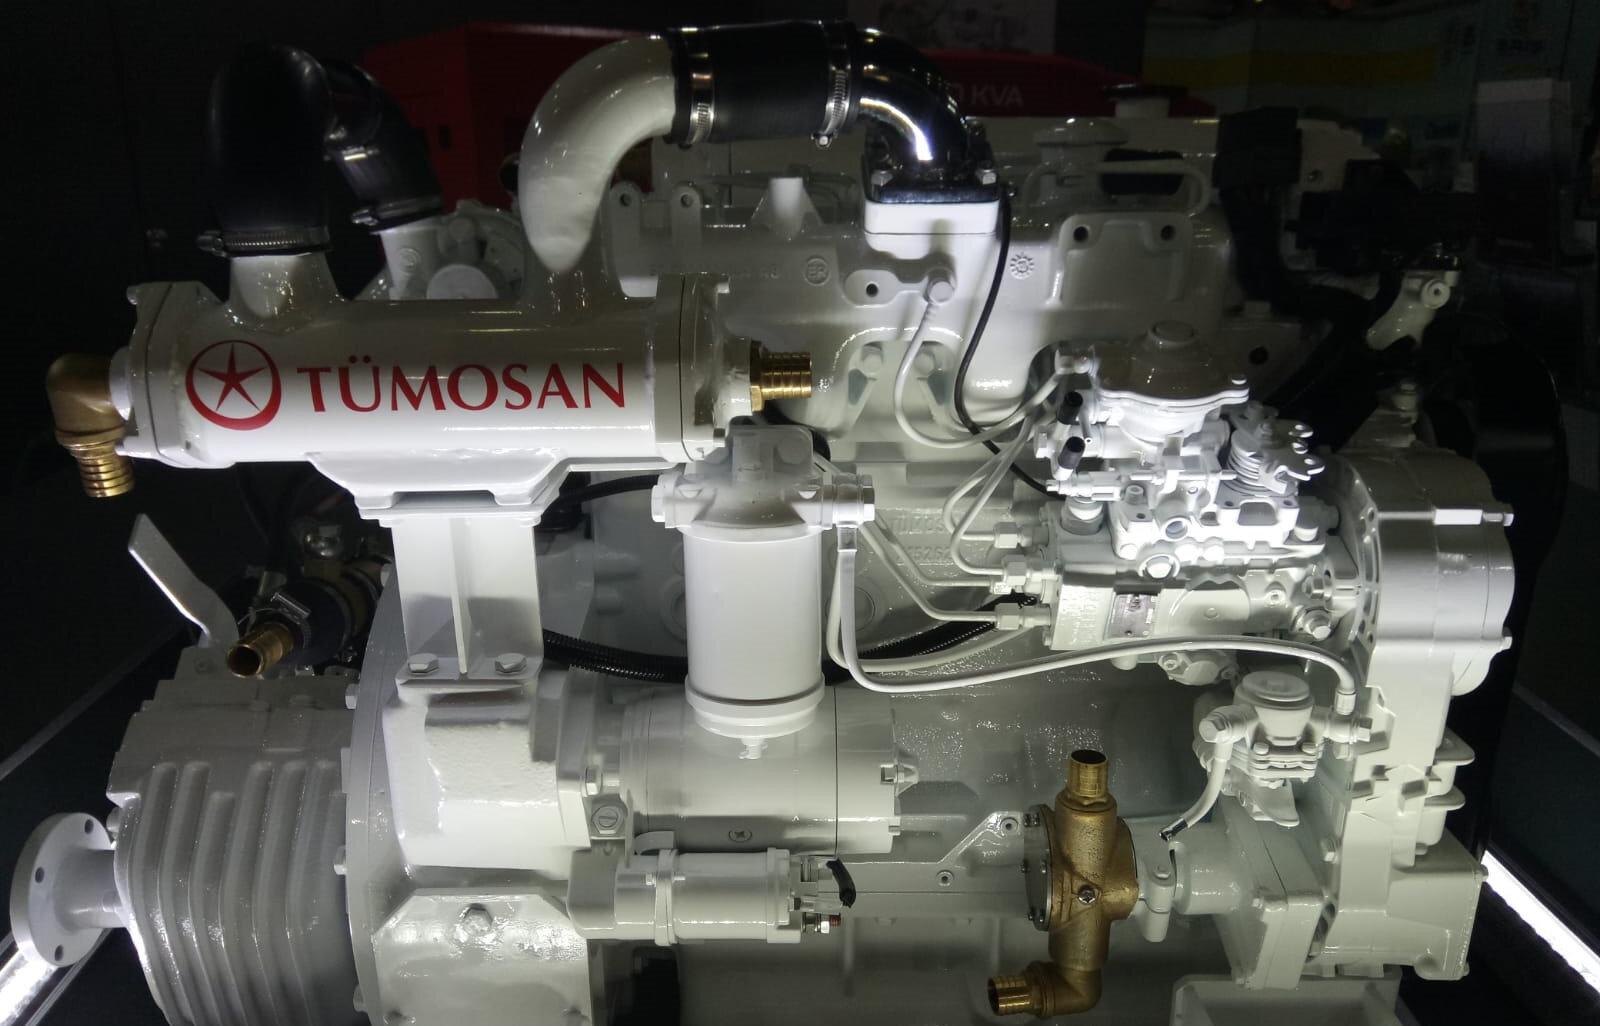 TÜMOSAN, 'denizlerin yeni yerli gücü' temasıyla 75, 85, 95 ve 105 beygir seçeneklerinde marin motor ailesi geliştirdi.